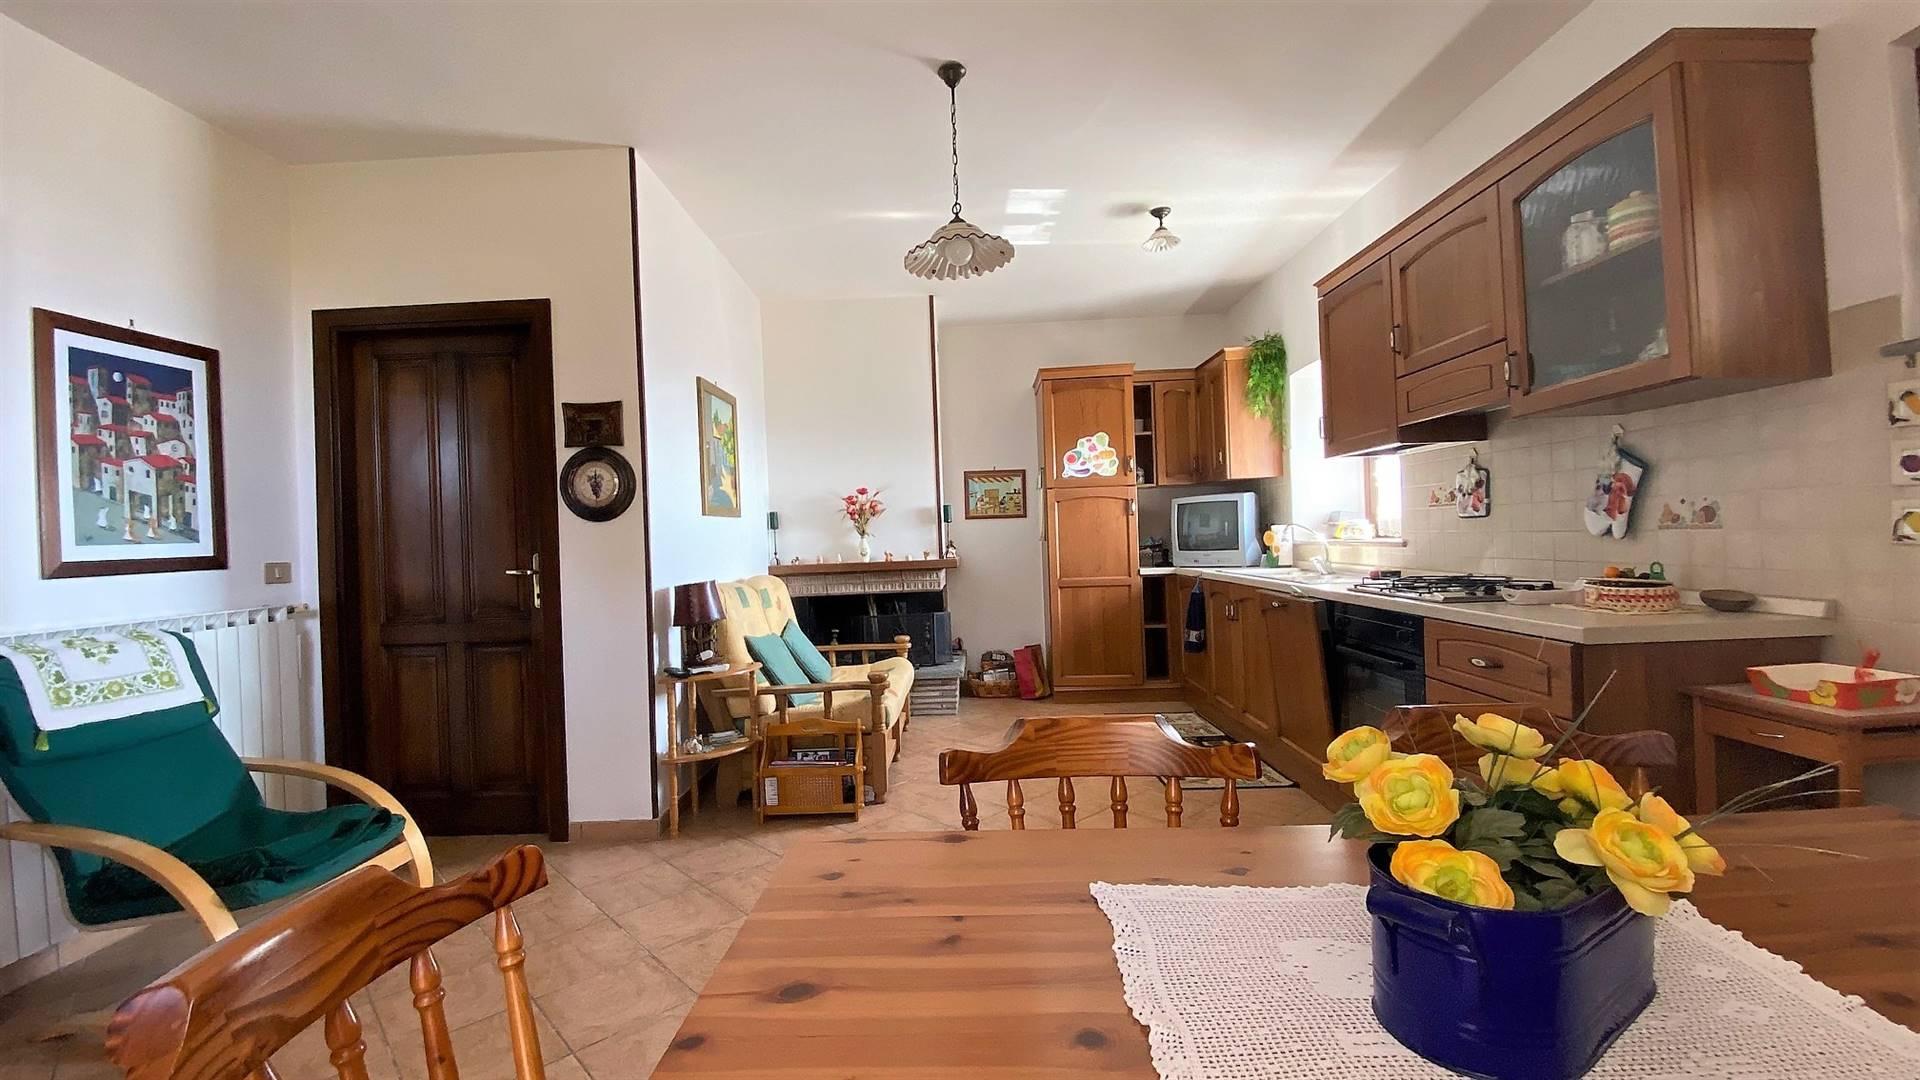 cucina - pranzo - Rif. 1001